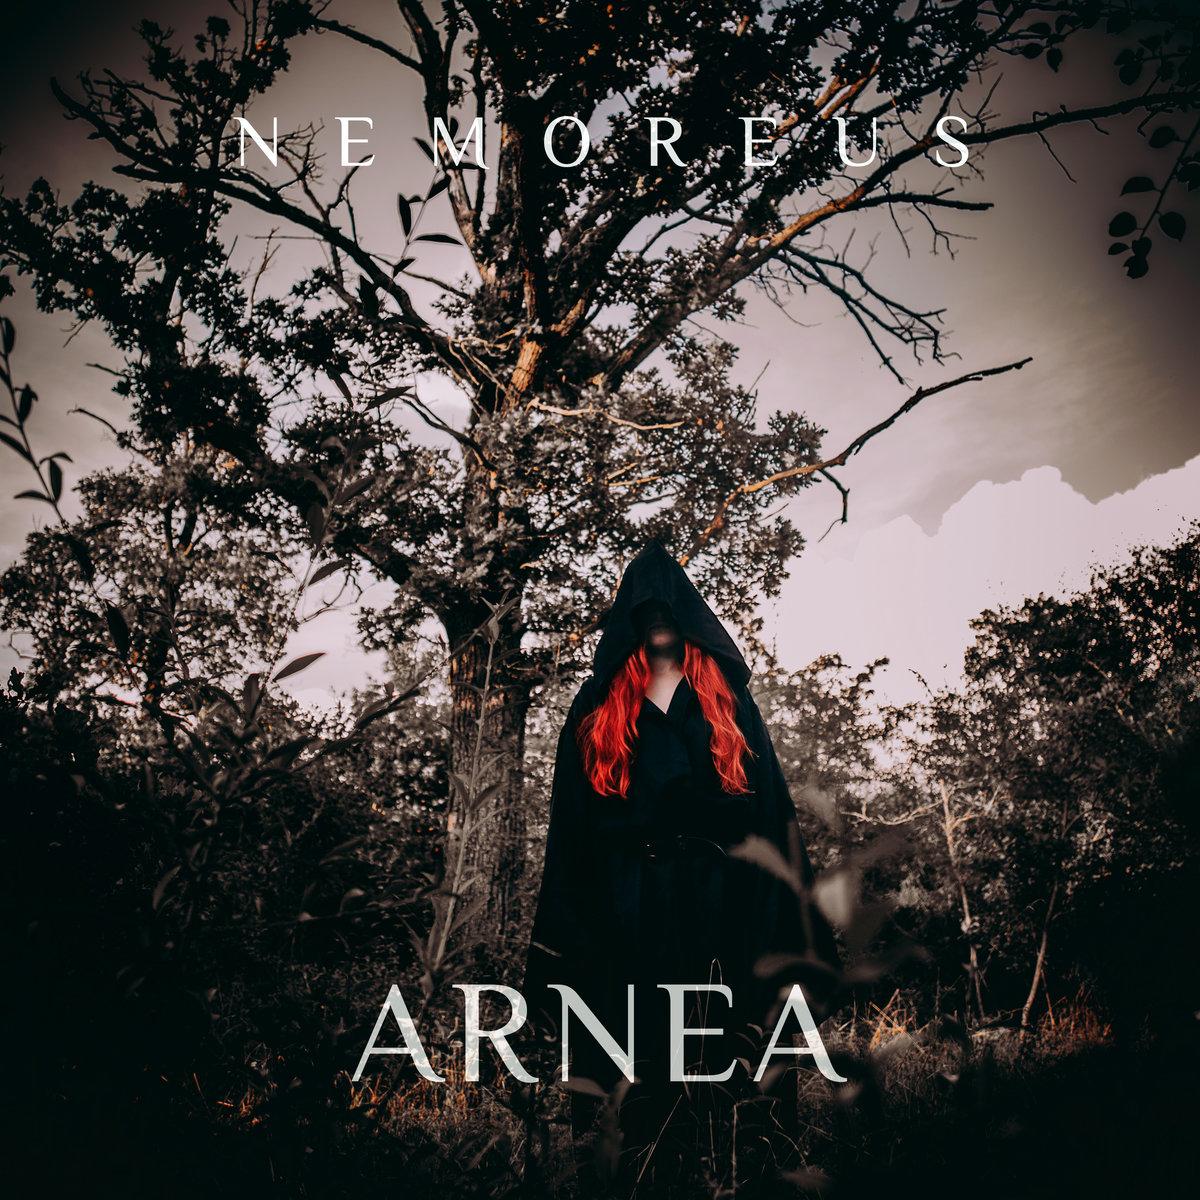 nemoreus-arnea-ein-band-albumreview